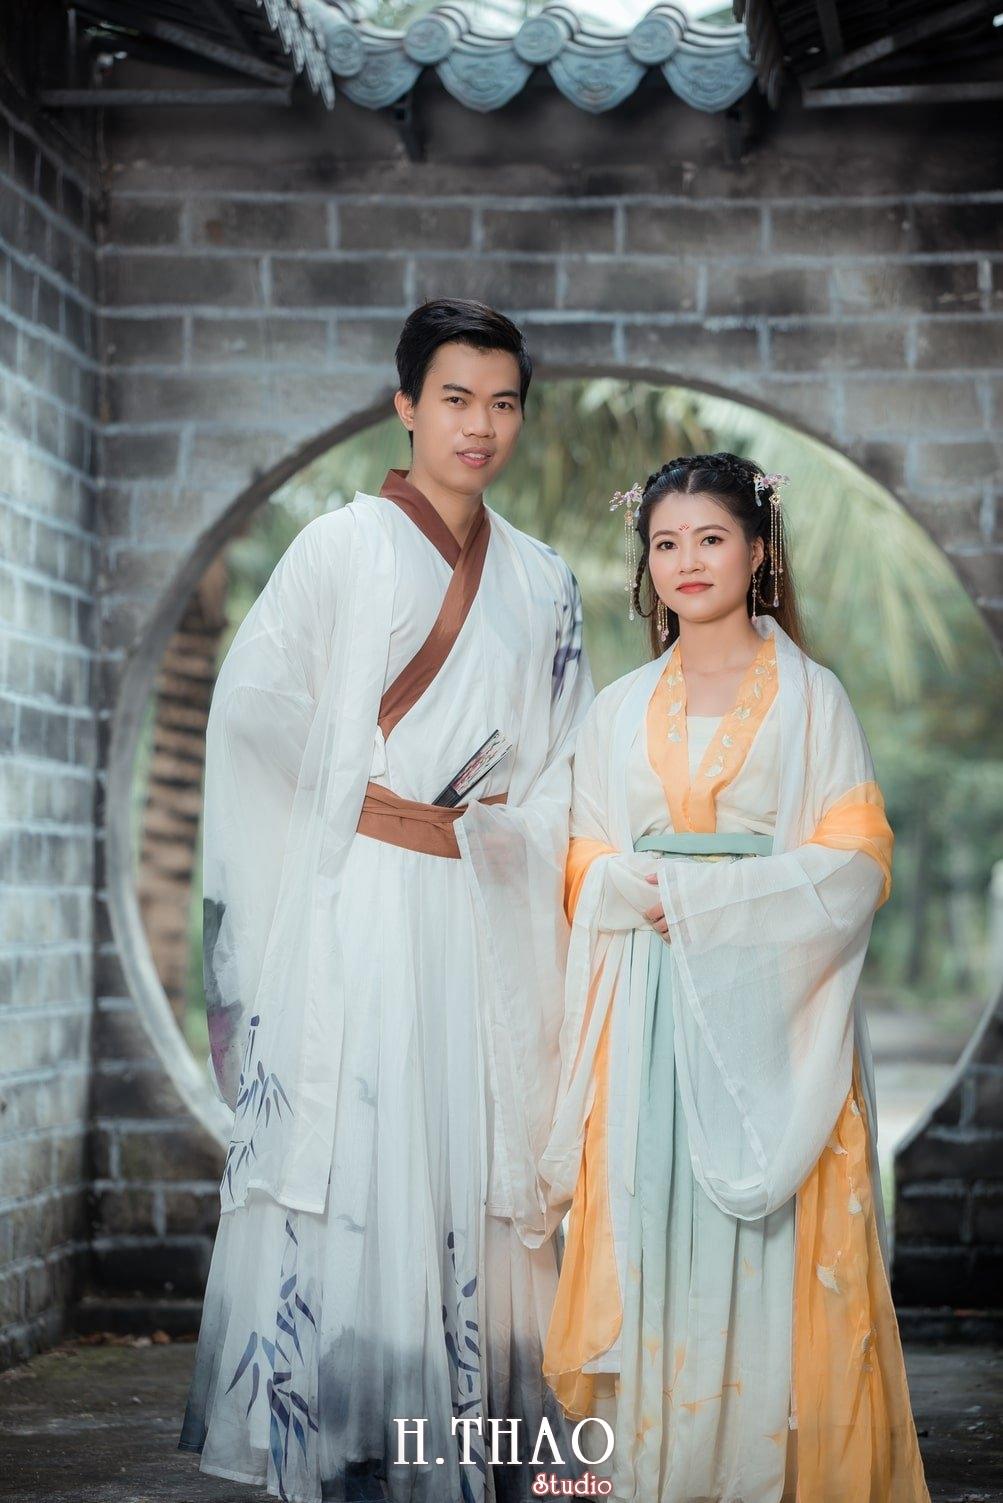 Couple co trang 7 - Album ảnh chụp cổ trang couple đôi bạn đẹp độc lạ - HThao Studio